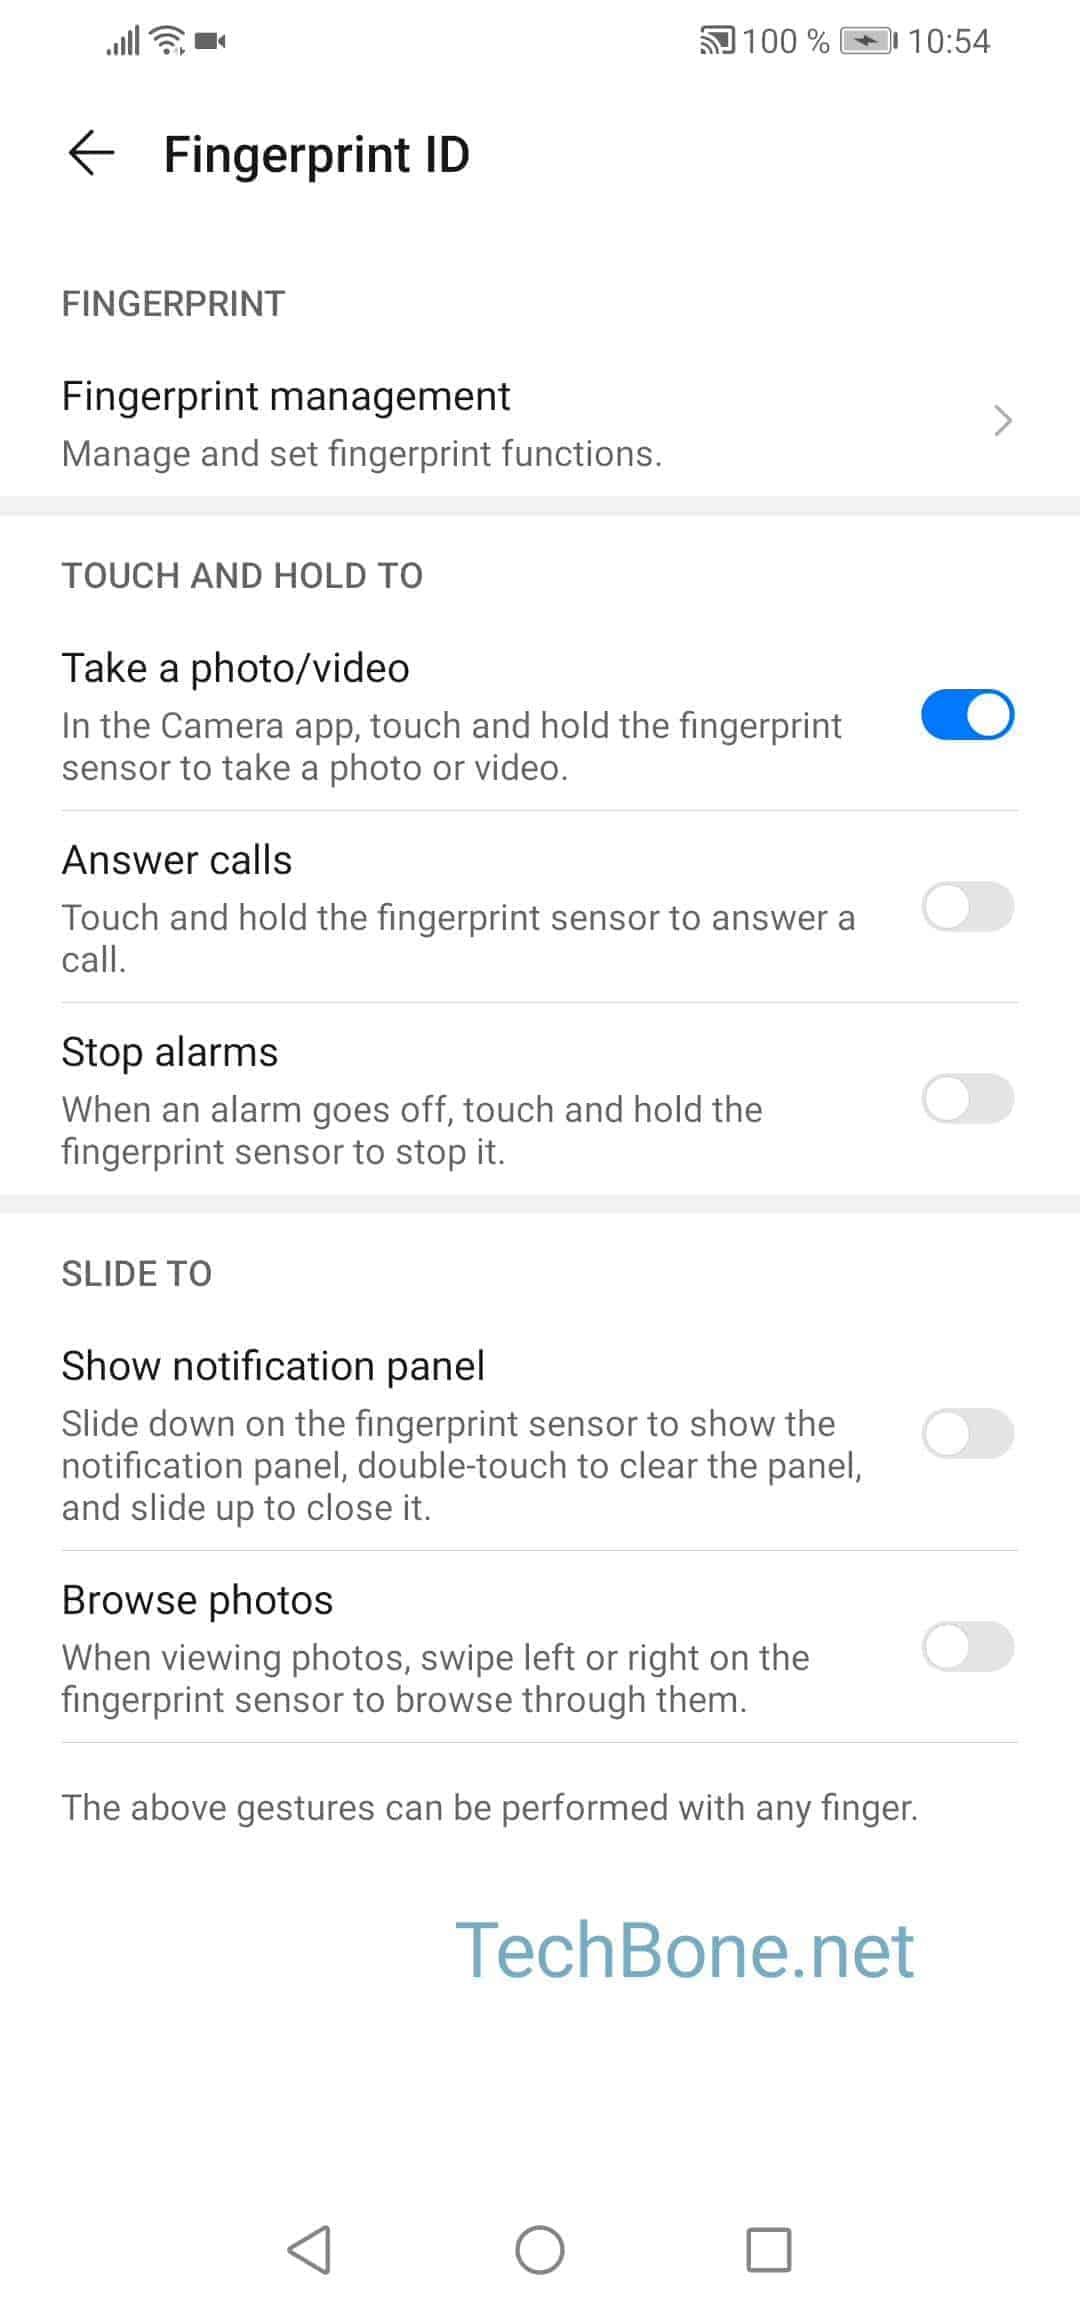 Step 4: Tap on Fingerprint management